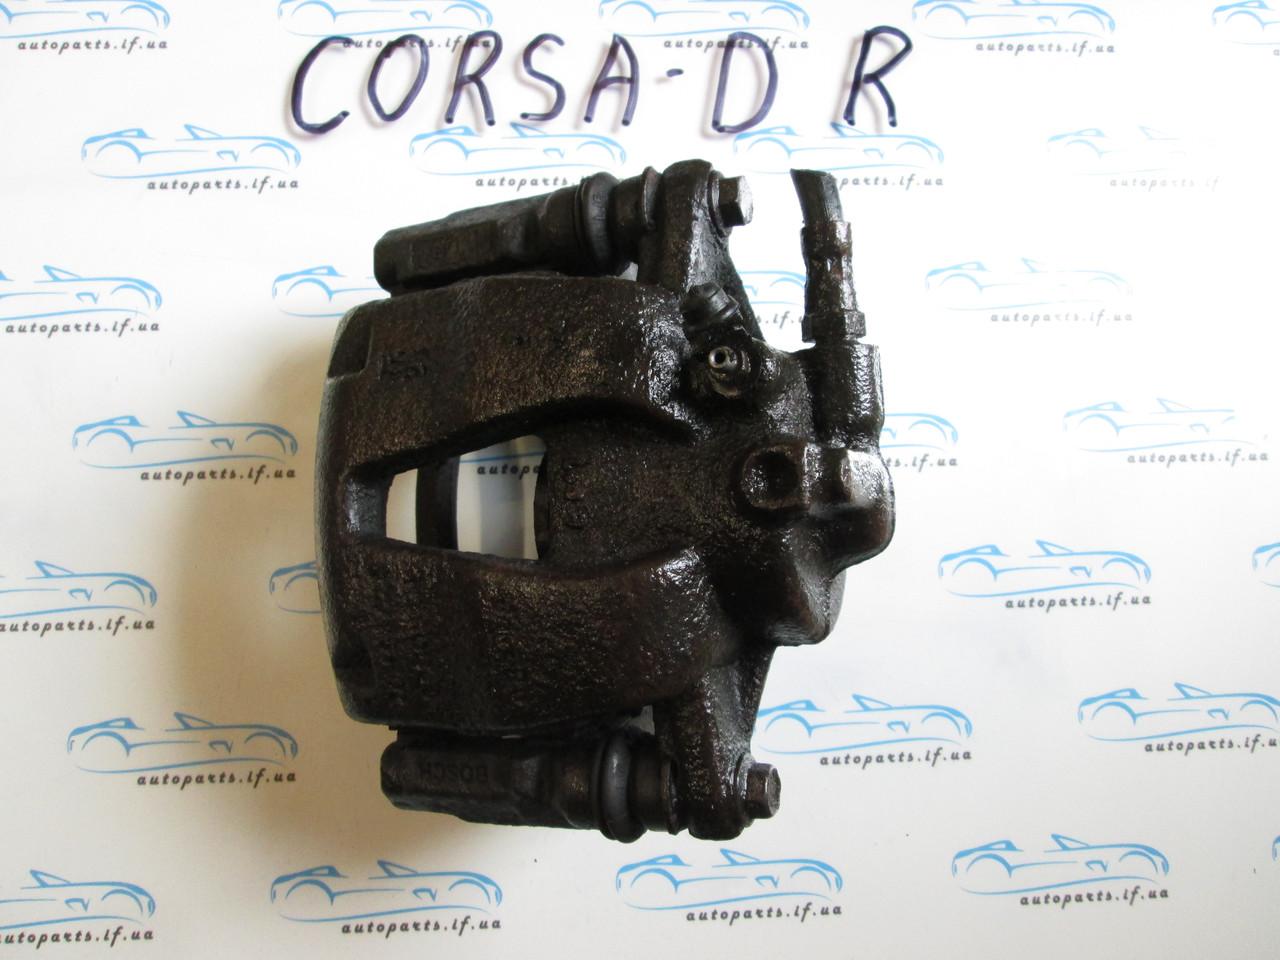 Суппорт передний правый Corsa D, Корса Д